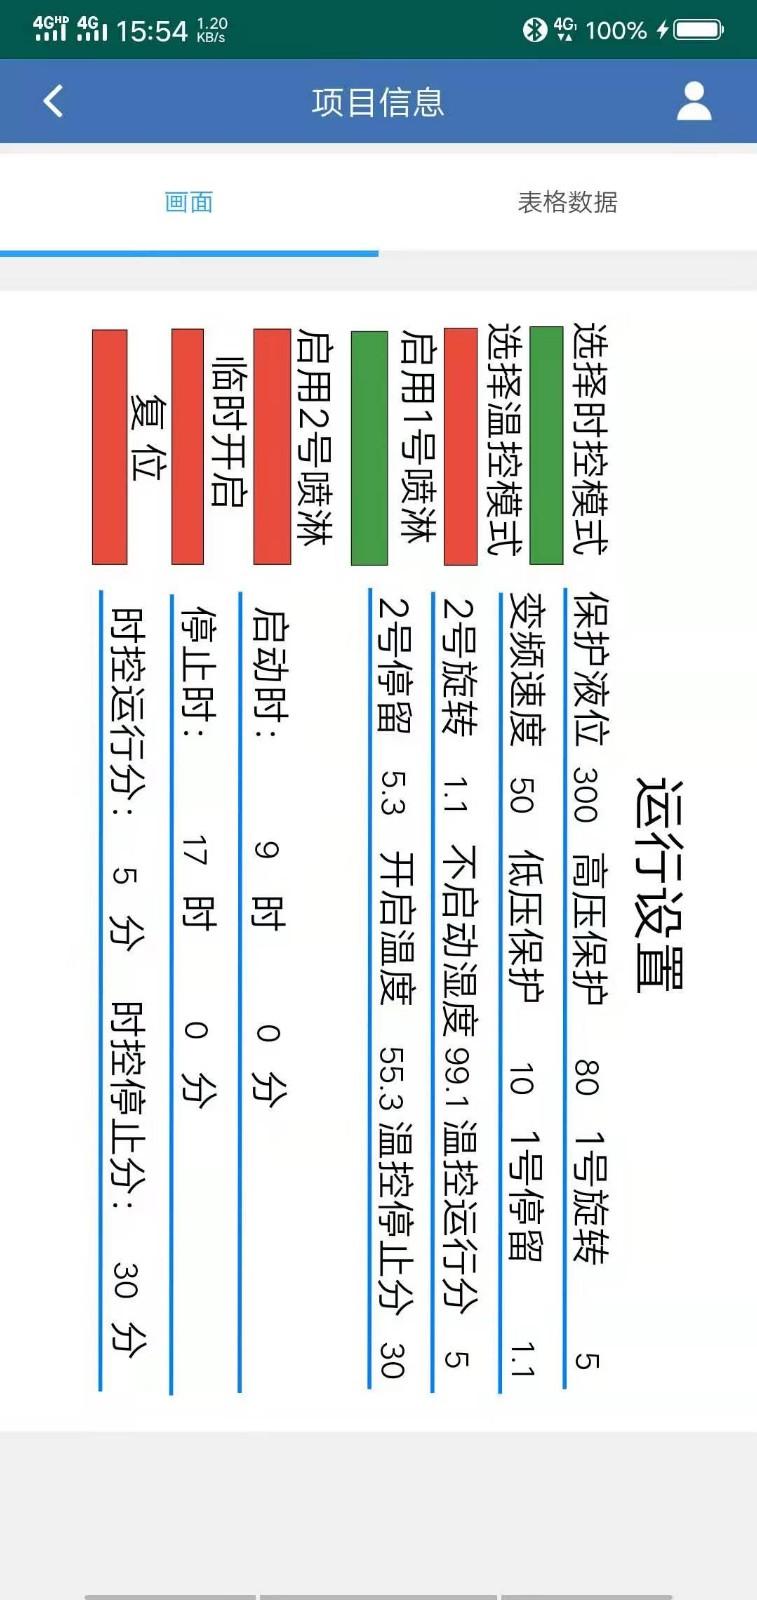 重庆plc控制箱生产安装技术人员--普洱